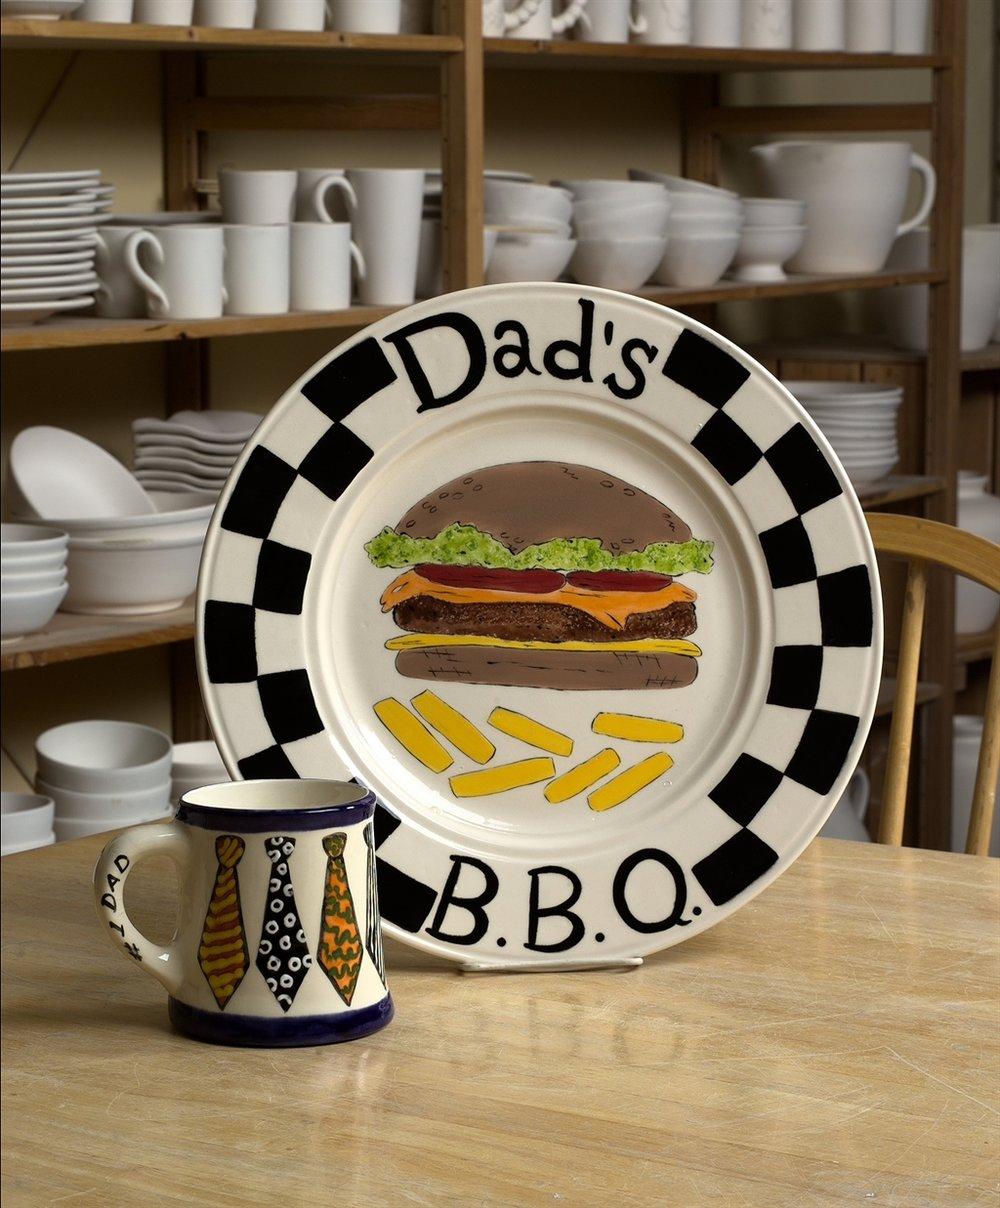 Dads BBQ.jpg